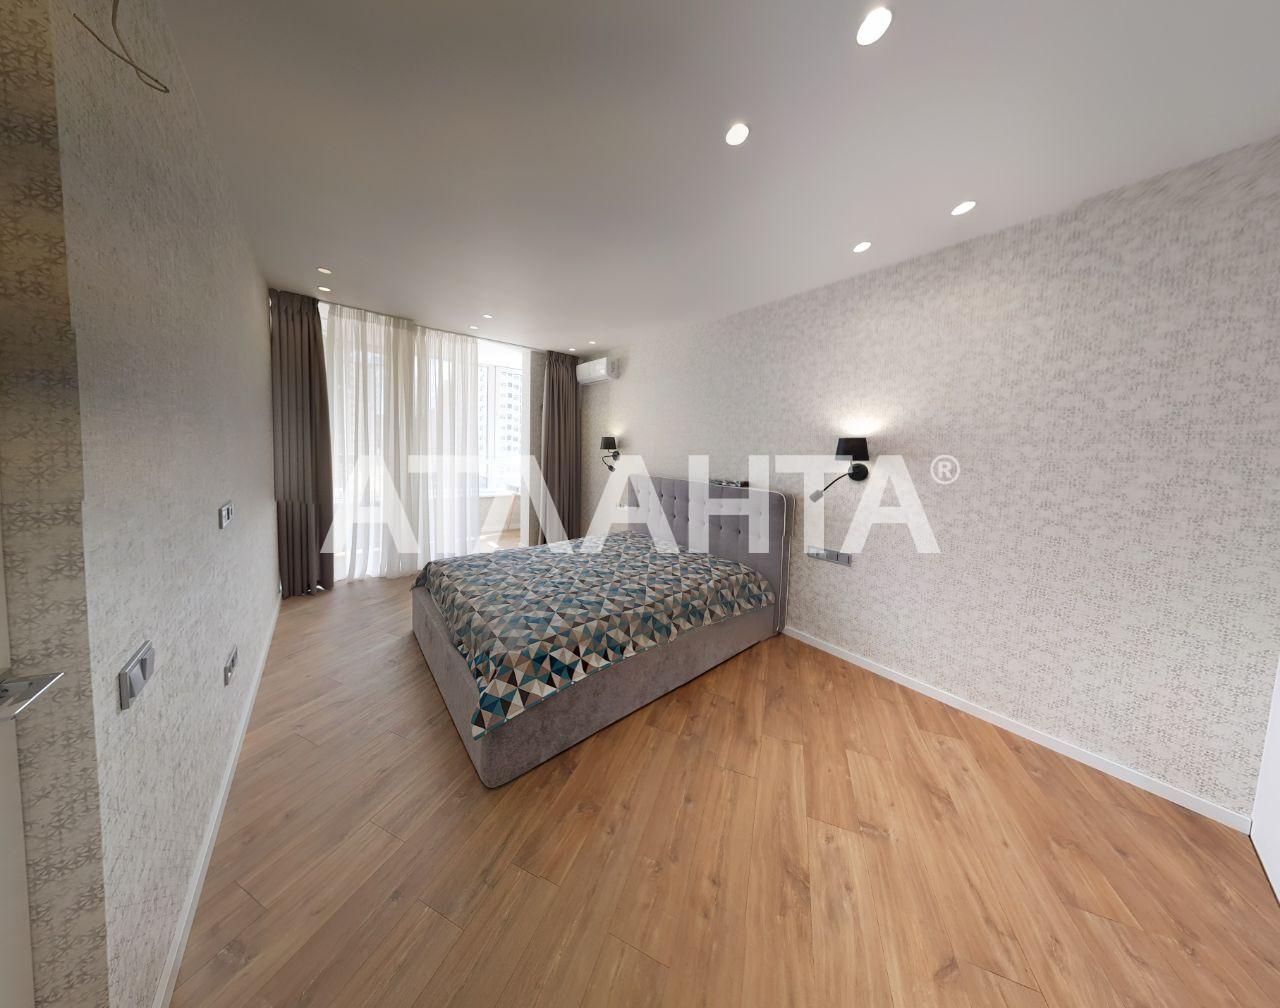 Продается 2-комнатная Квартира на ул. Практична — 110 000 у.е. (фото №8)